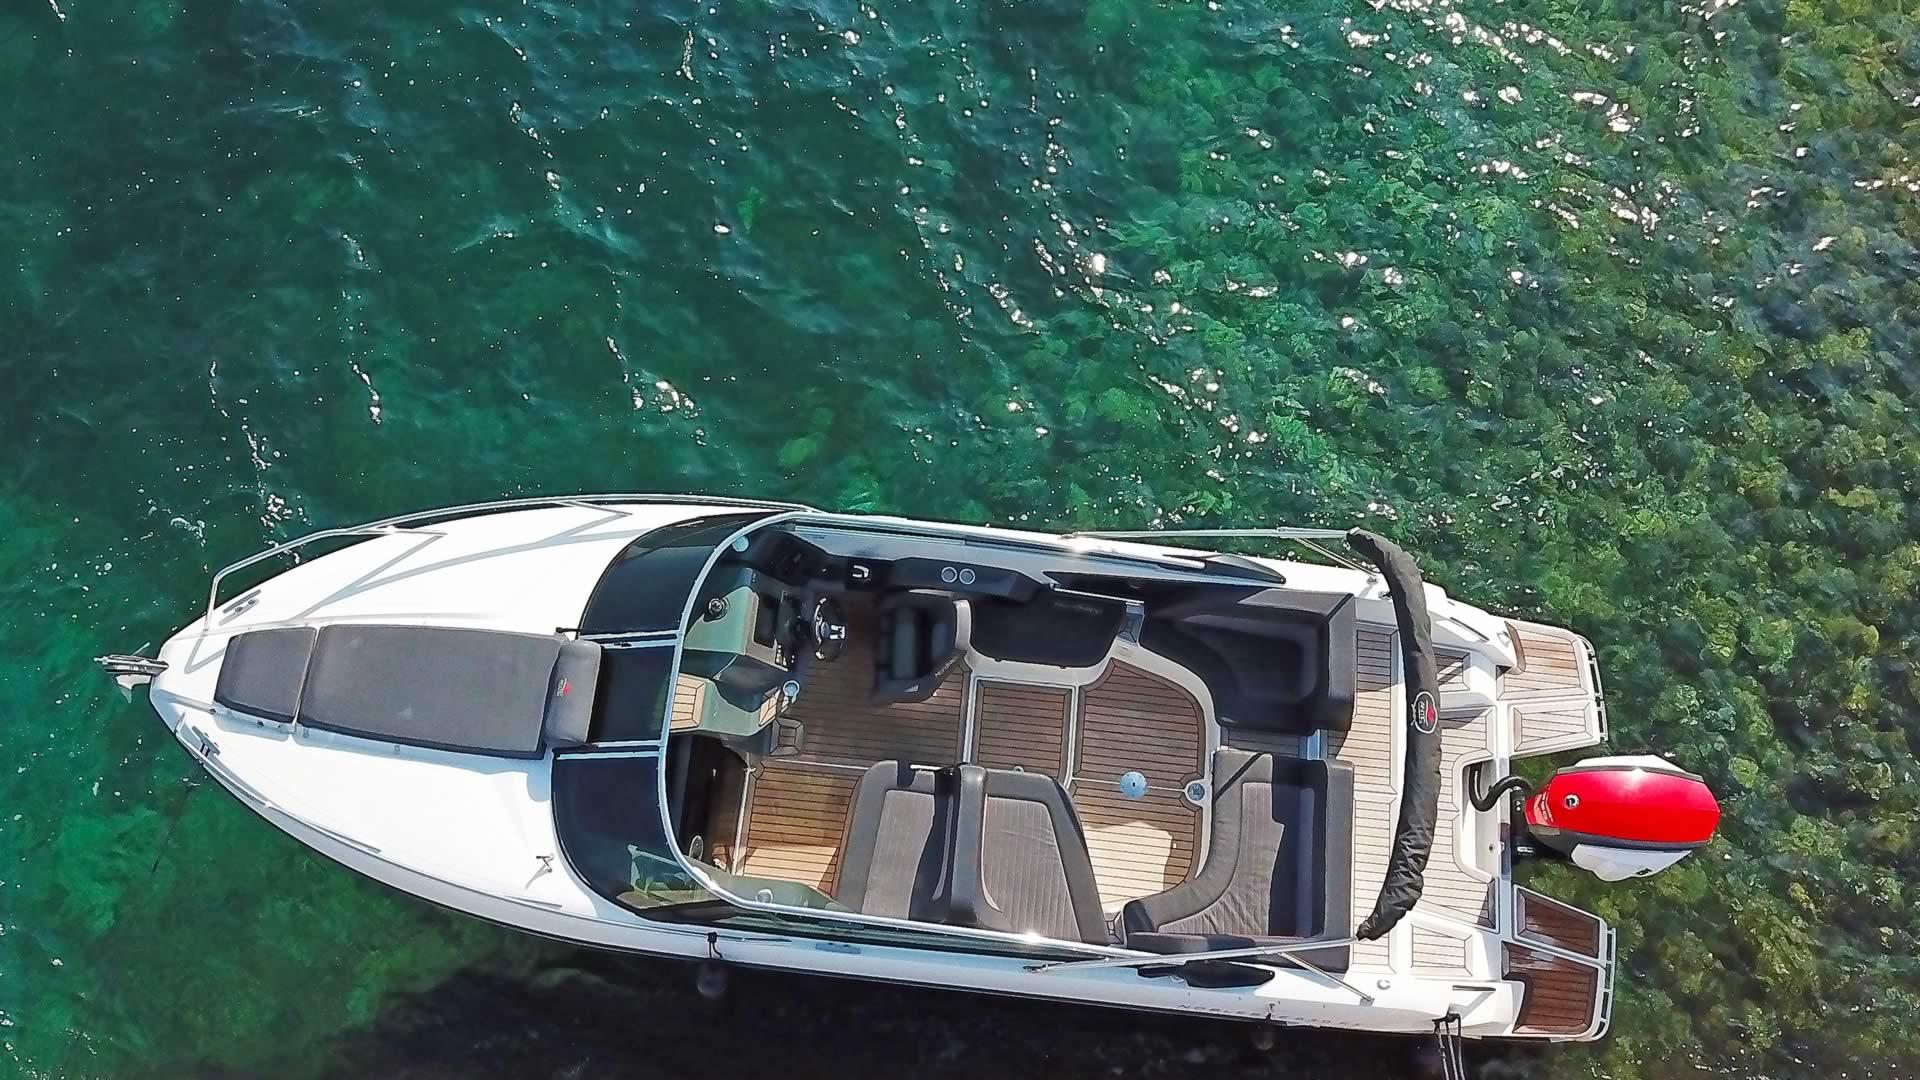 Sportboot mieten Kroatien Bootscharter Bootsverleih Bootsvermietung